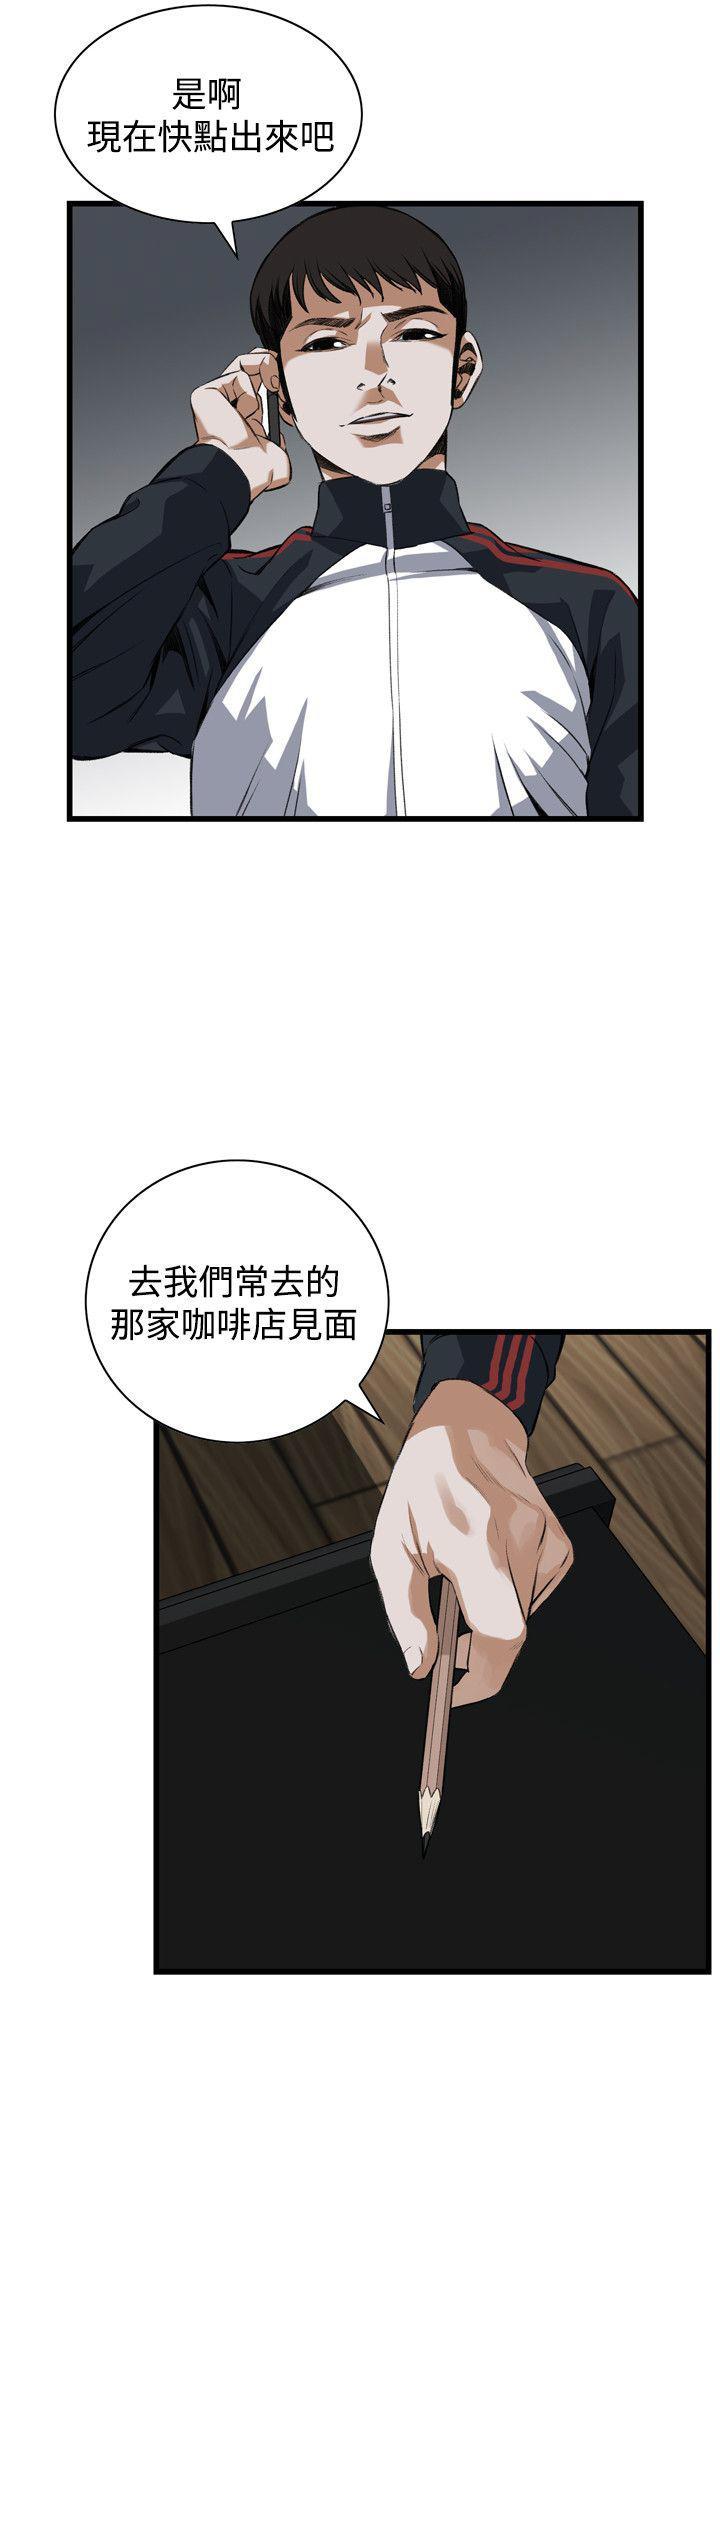 偷窥72-93 Chinese Rsiky 196